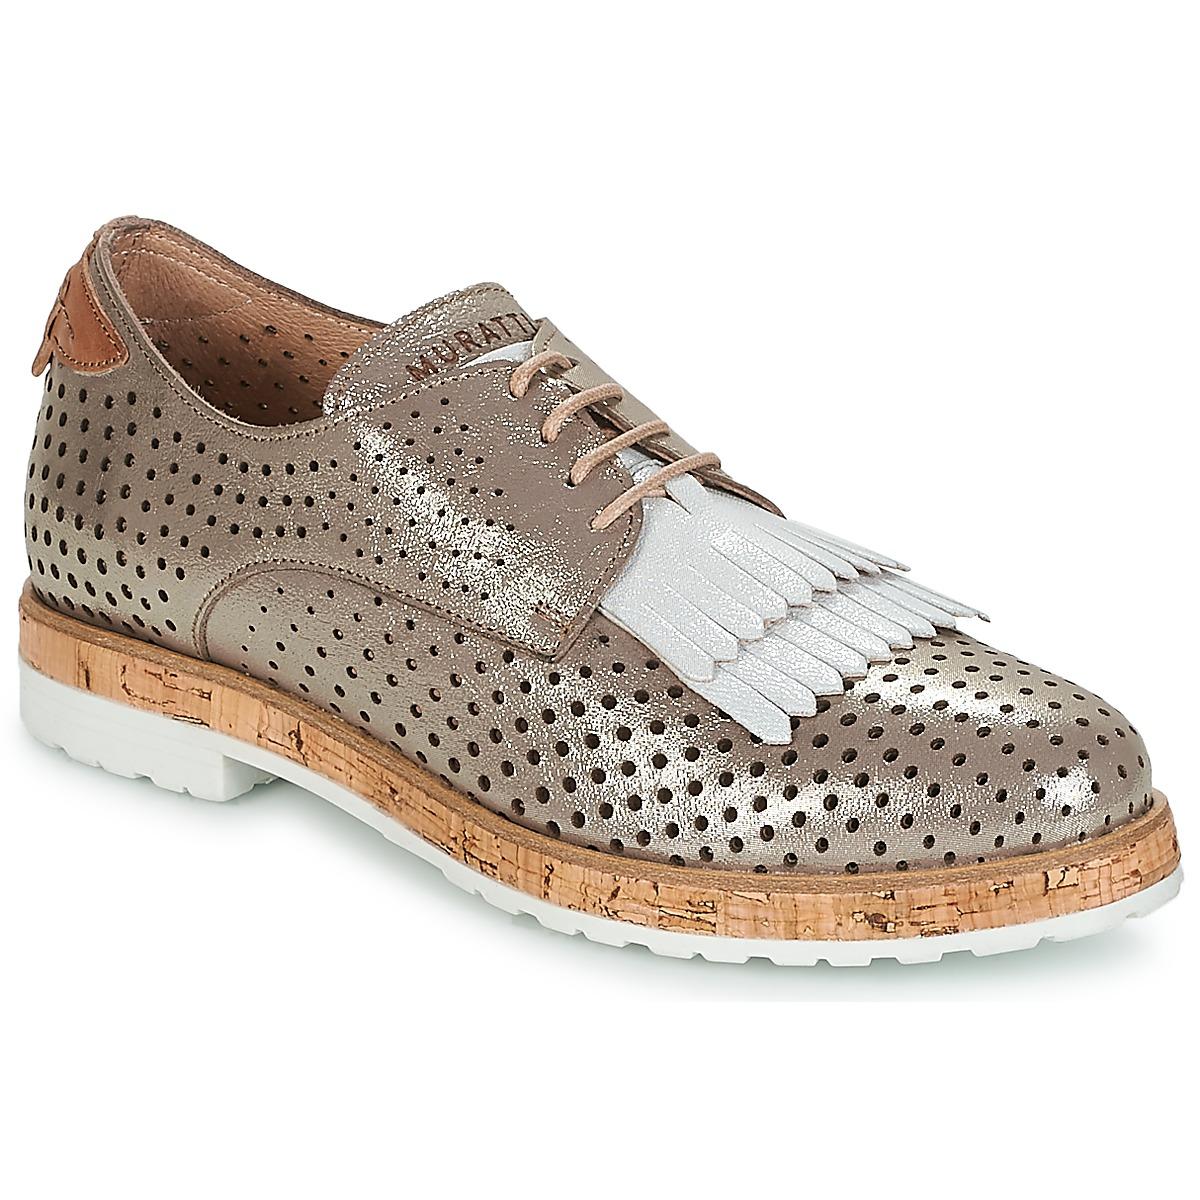 Muratti AMAIA Bronze - Kostenloser Versand bei Spartoode ! - Schuhe Derby-Schuhe Damen 115,50 €